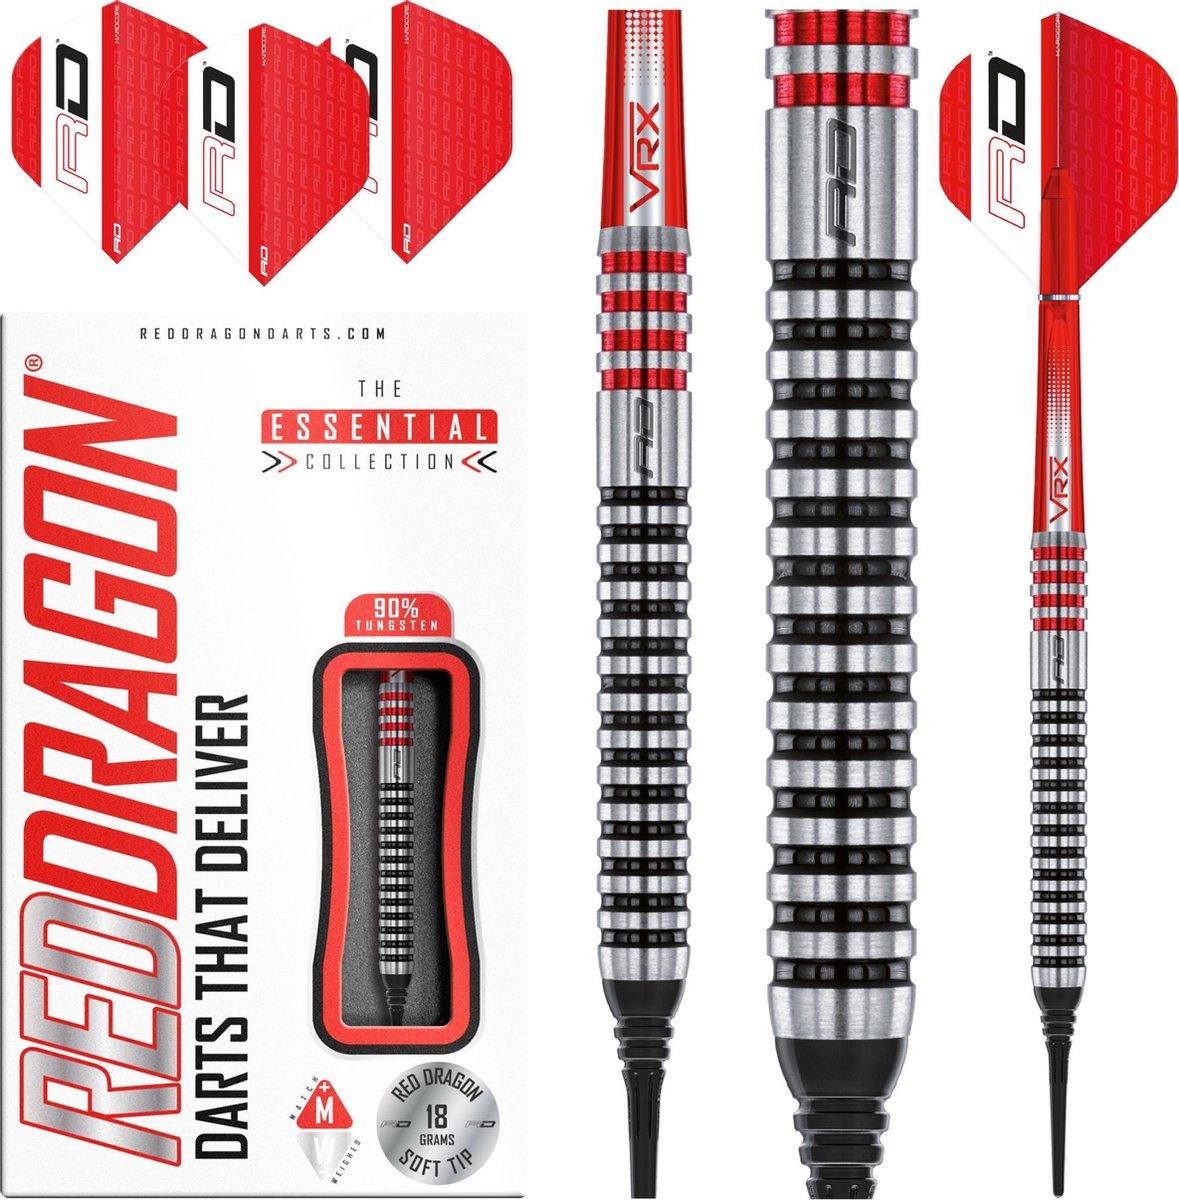 RED DRAGON - GT3's Softip Tungsten Steel Dartpijlen Professioneel - 18 gram vat, 20 gram totaal gewicht